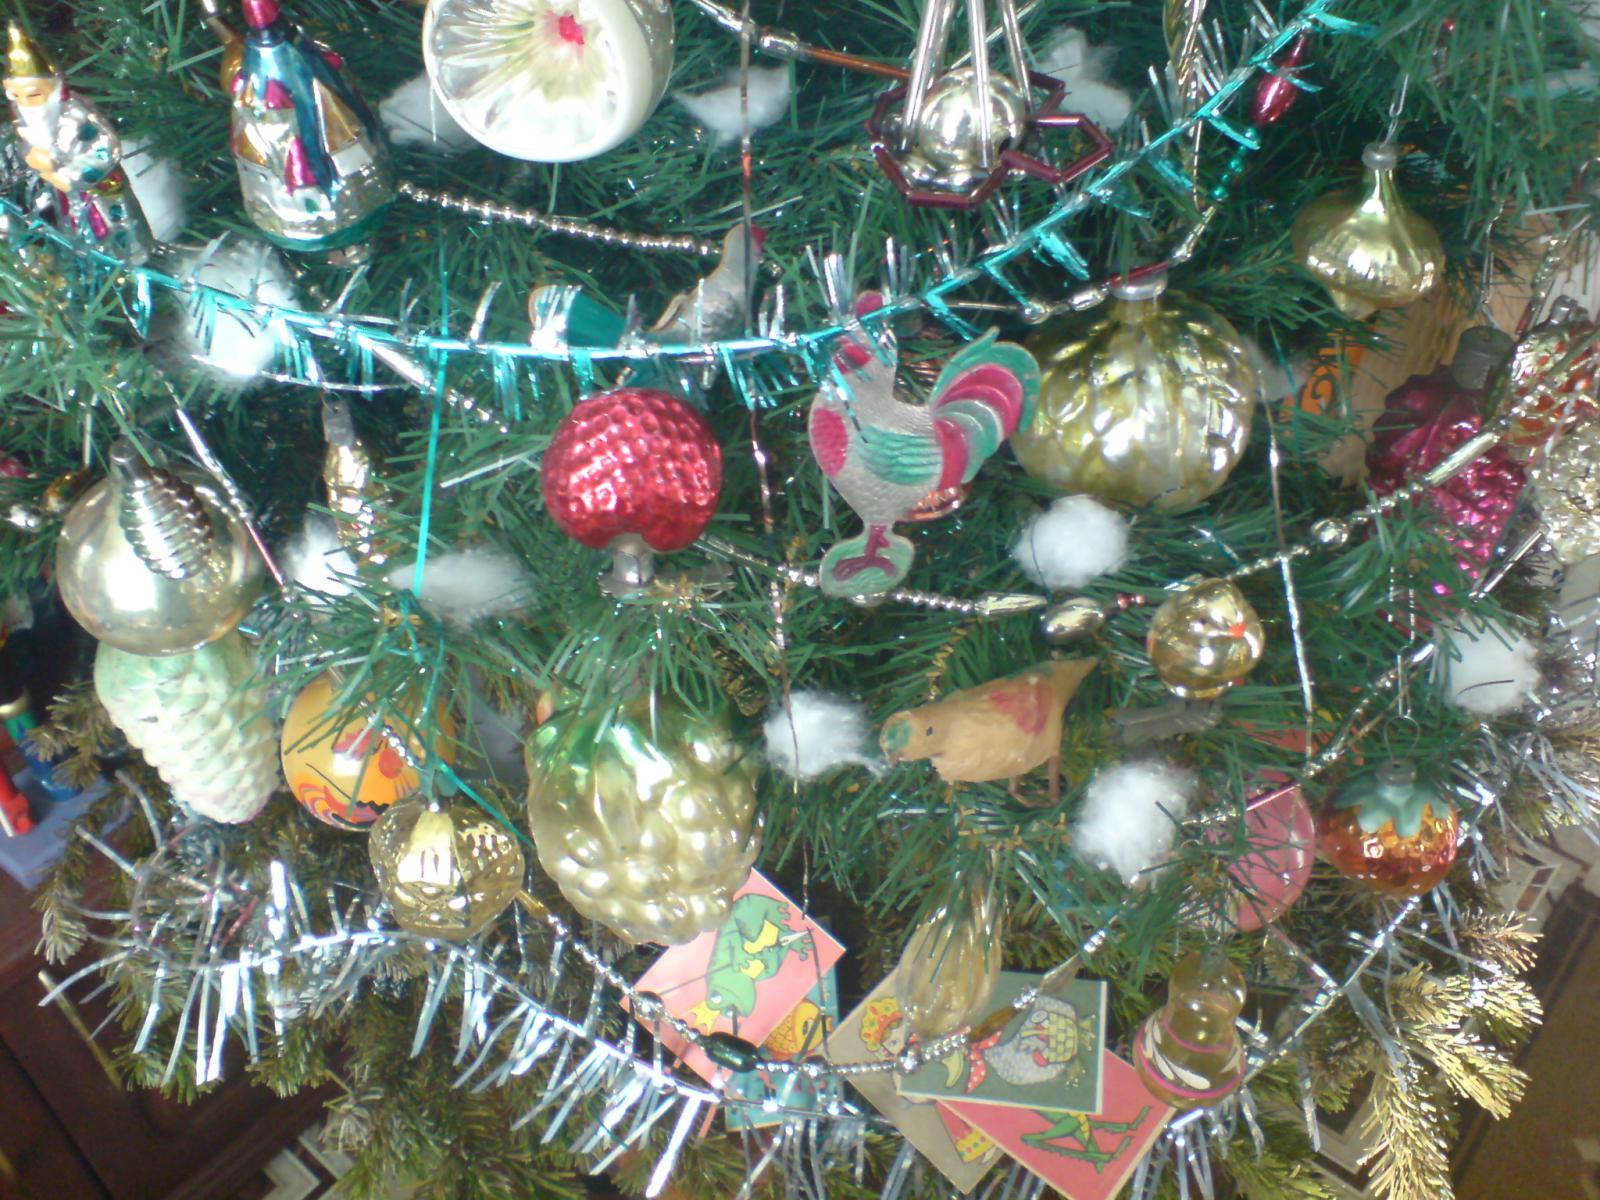 Социальная столовая Якутска просит помочь с подарками для нуждающихся